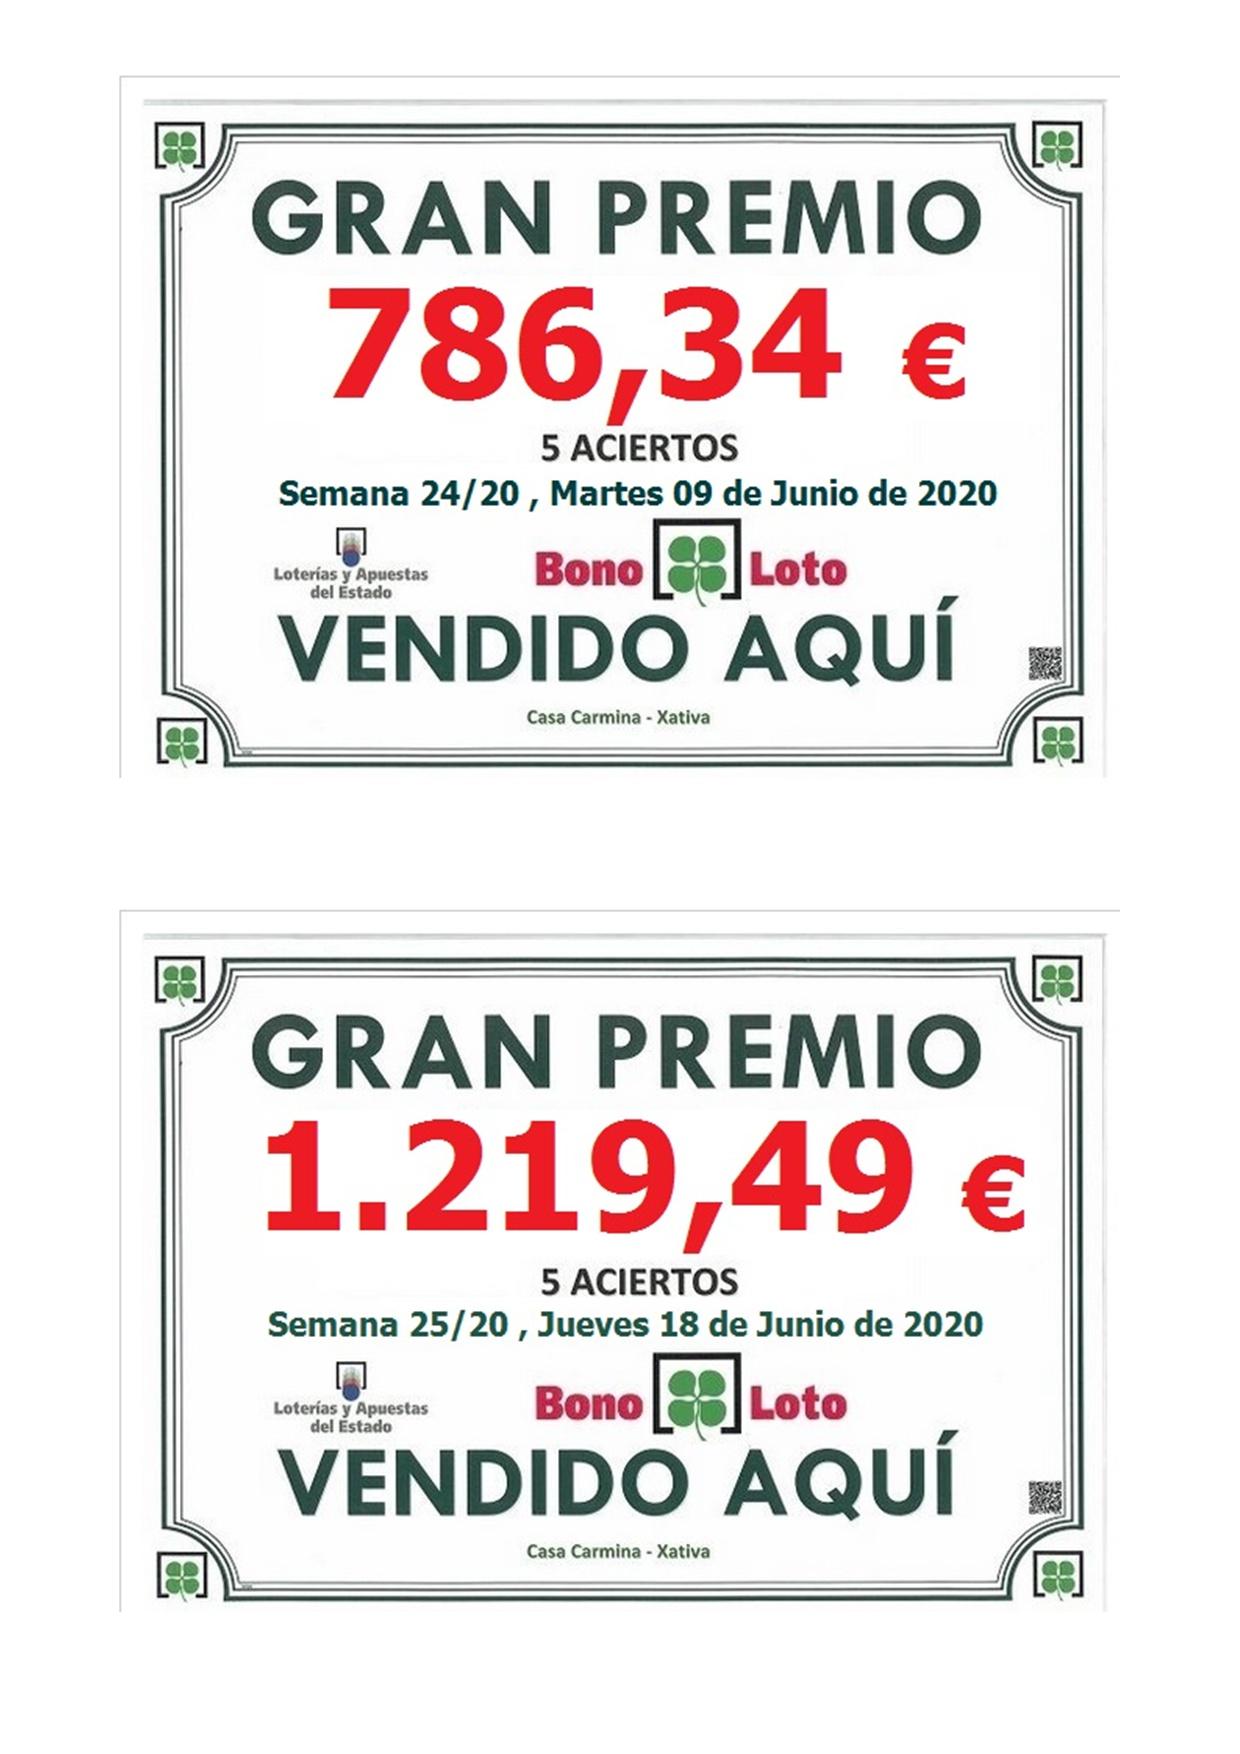 Premios Bonoloto de 5 aciertos después de la pandemia.